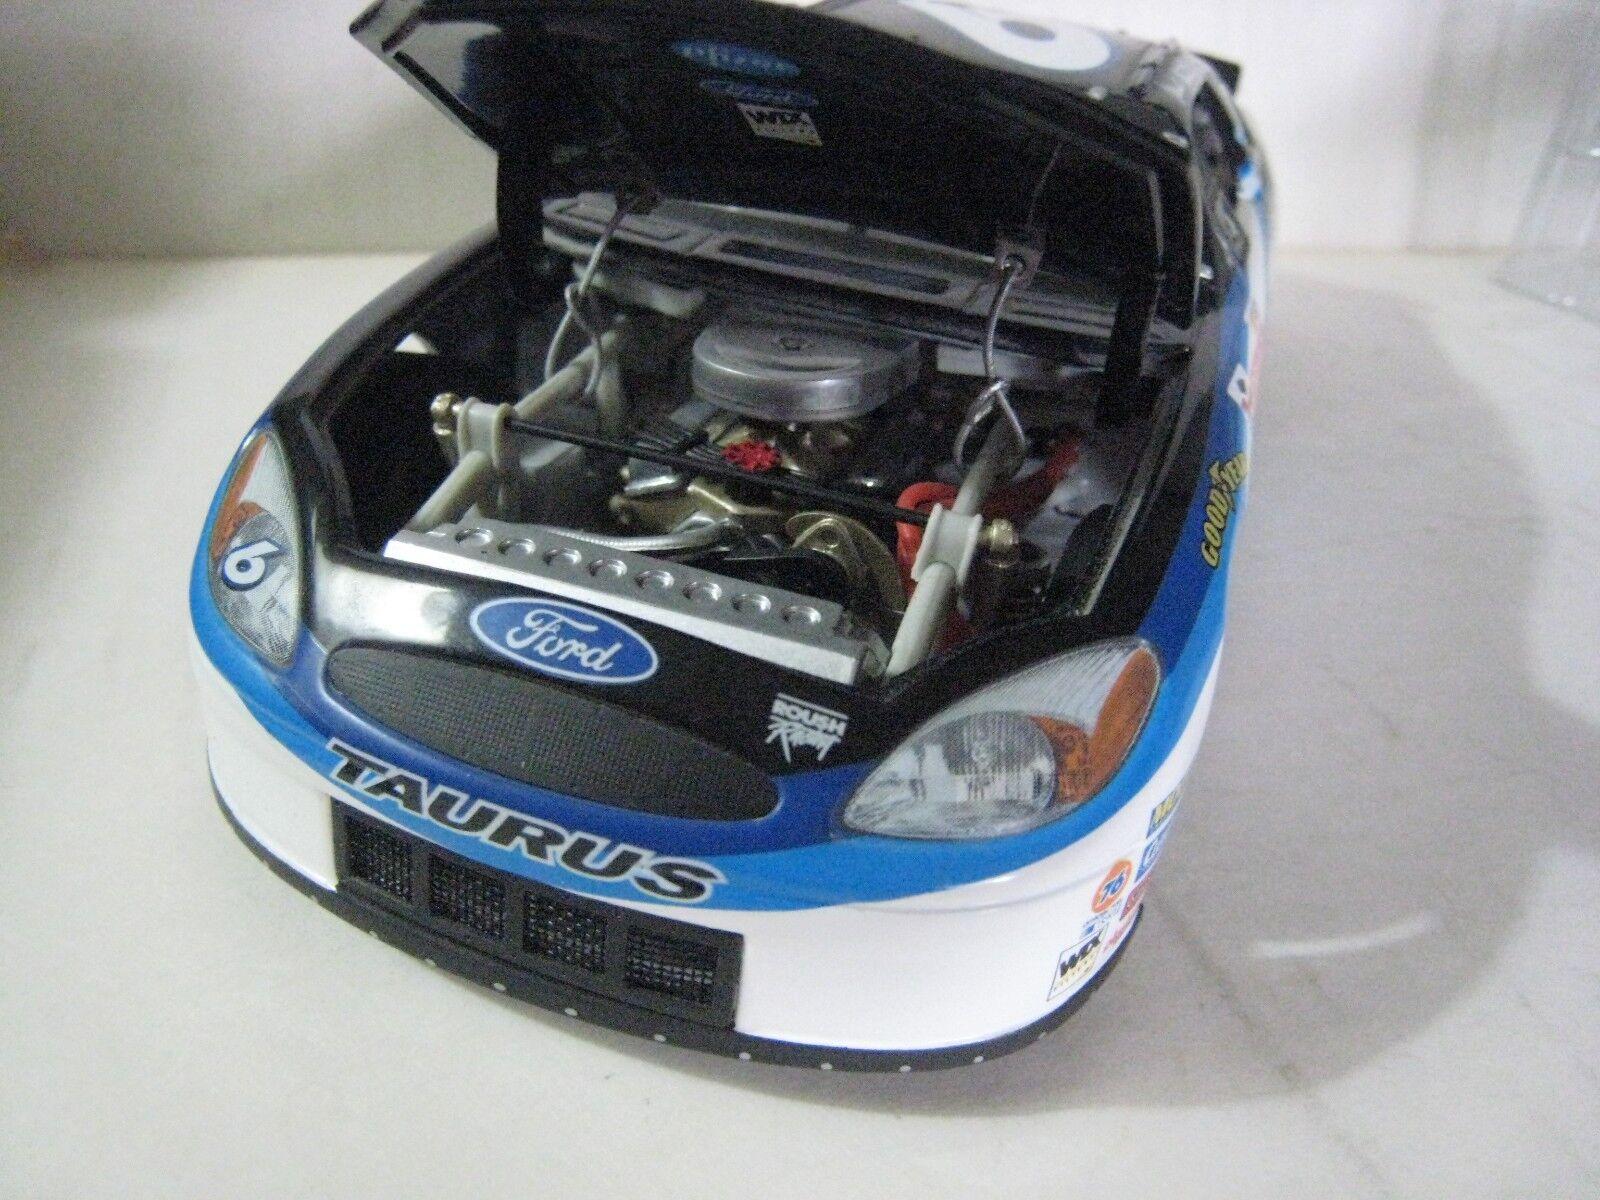 2002 Team Caliber Mark Martin Viagra 1 1 1 24 Car Bank; Owner's Series; Nascar a96456